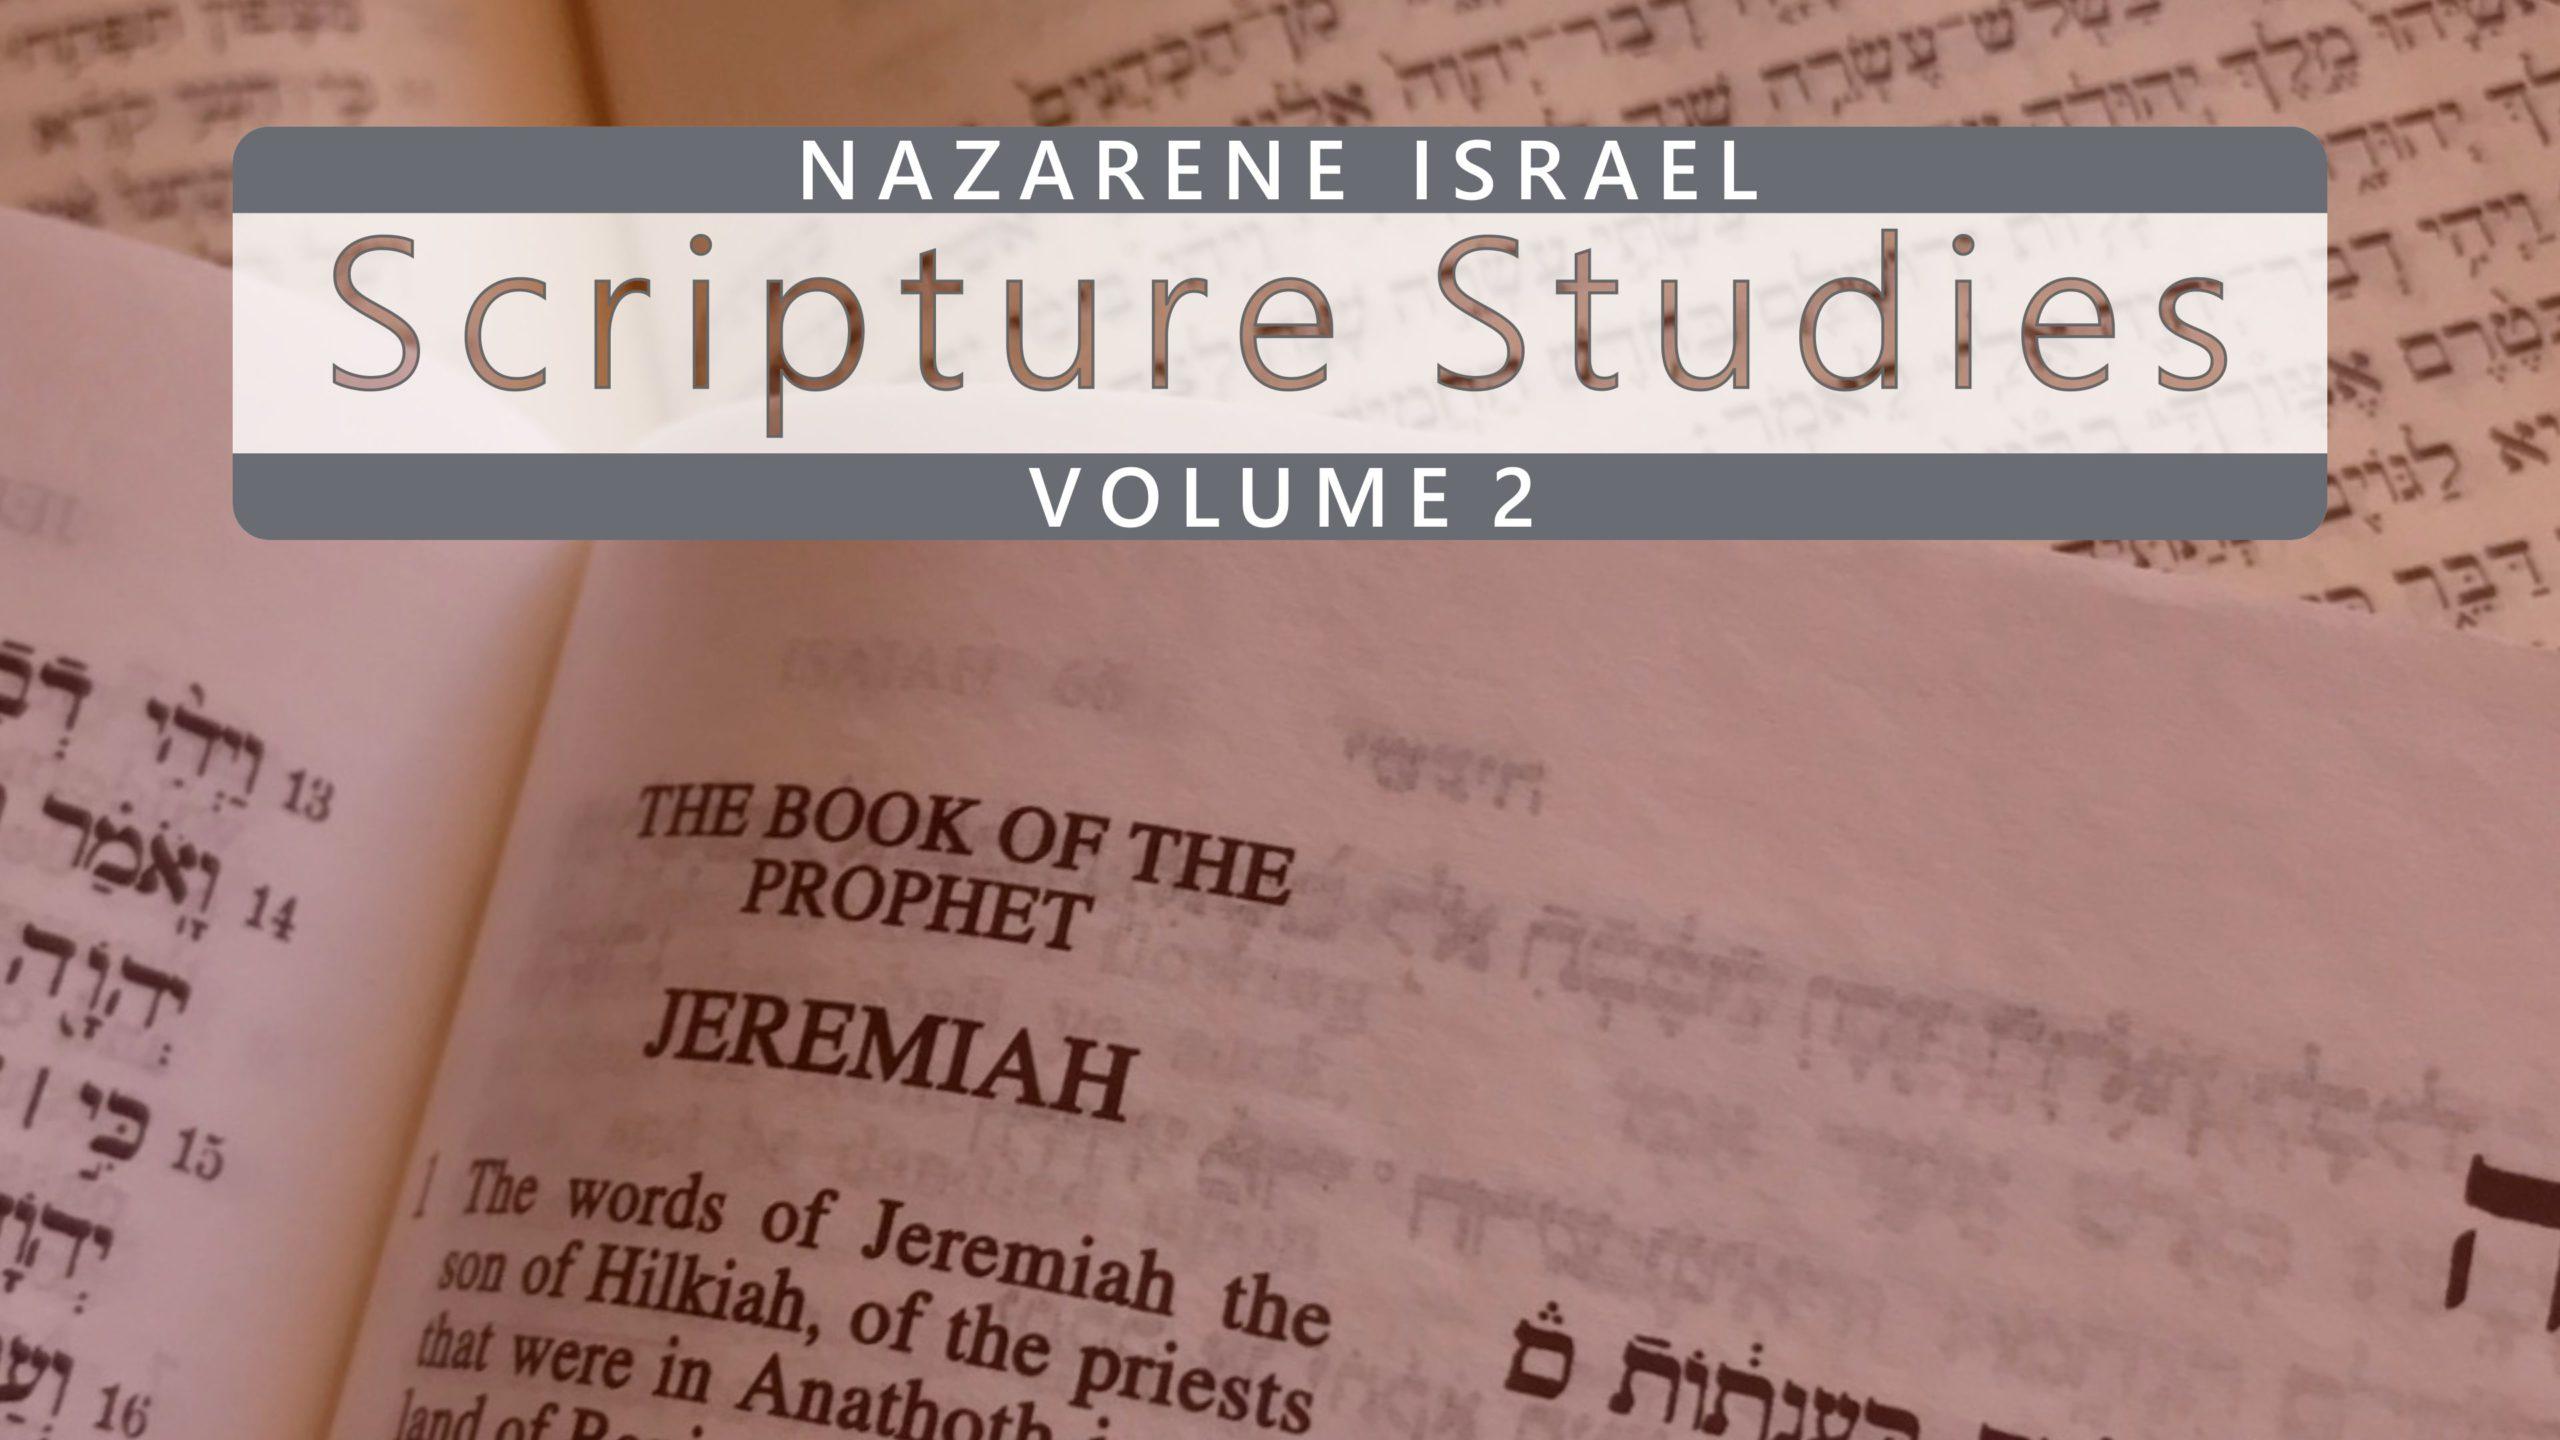 Nazarene Scripture Studies Vol. 2